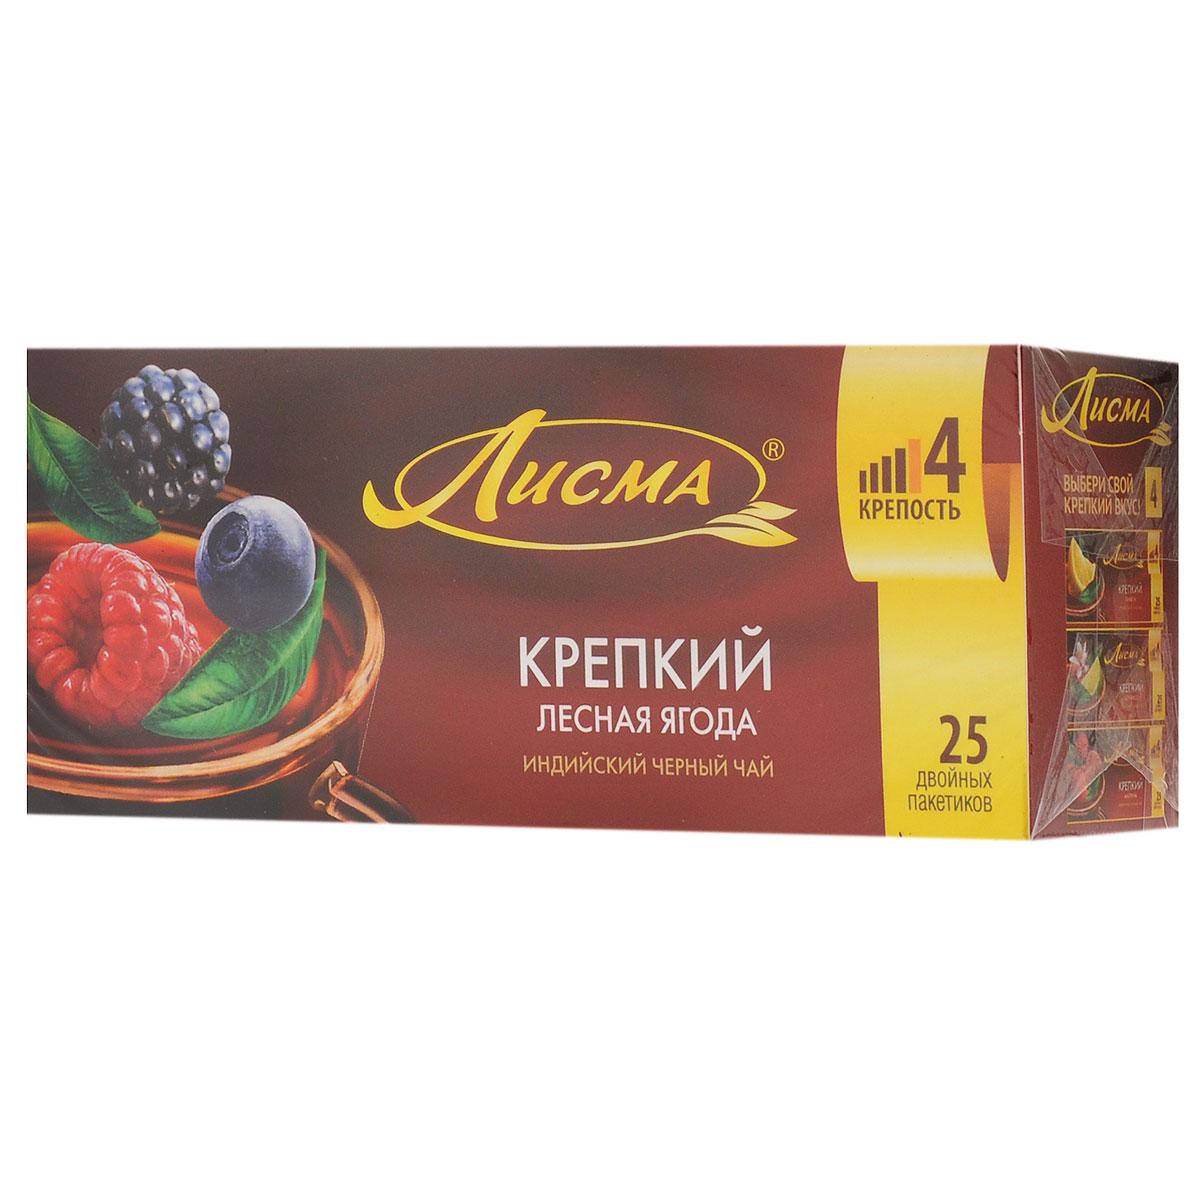 Лисма Крепкий Лесная Ягода черный чай в пакетиках, 25 шт0120710Лисма Крепкий Лесная Ягода - индийский черный байховый чай в пакетиках с освежающим вкусом и ароматом лесных ягод.